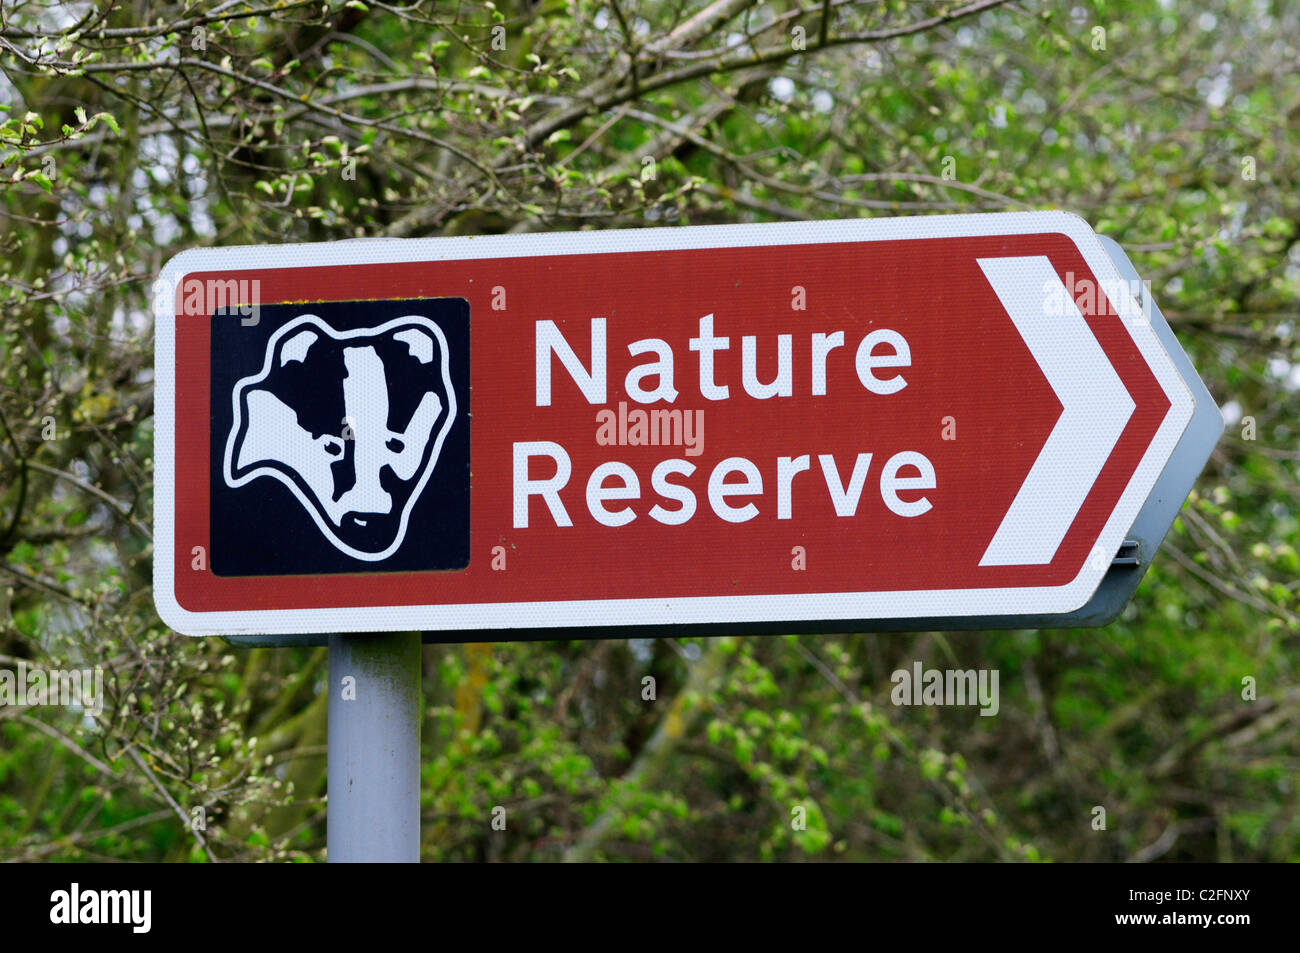 Natur-Reserve-Wegweiser von Hayley Wood, in der Nähe von Longstowe, Cambridgeshire, England, UK Stockbild